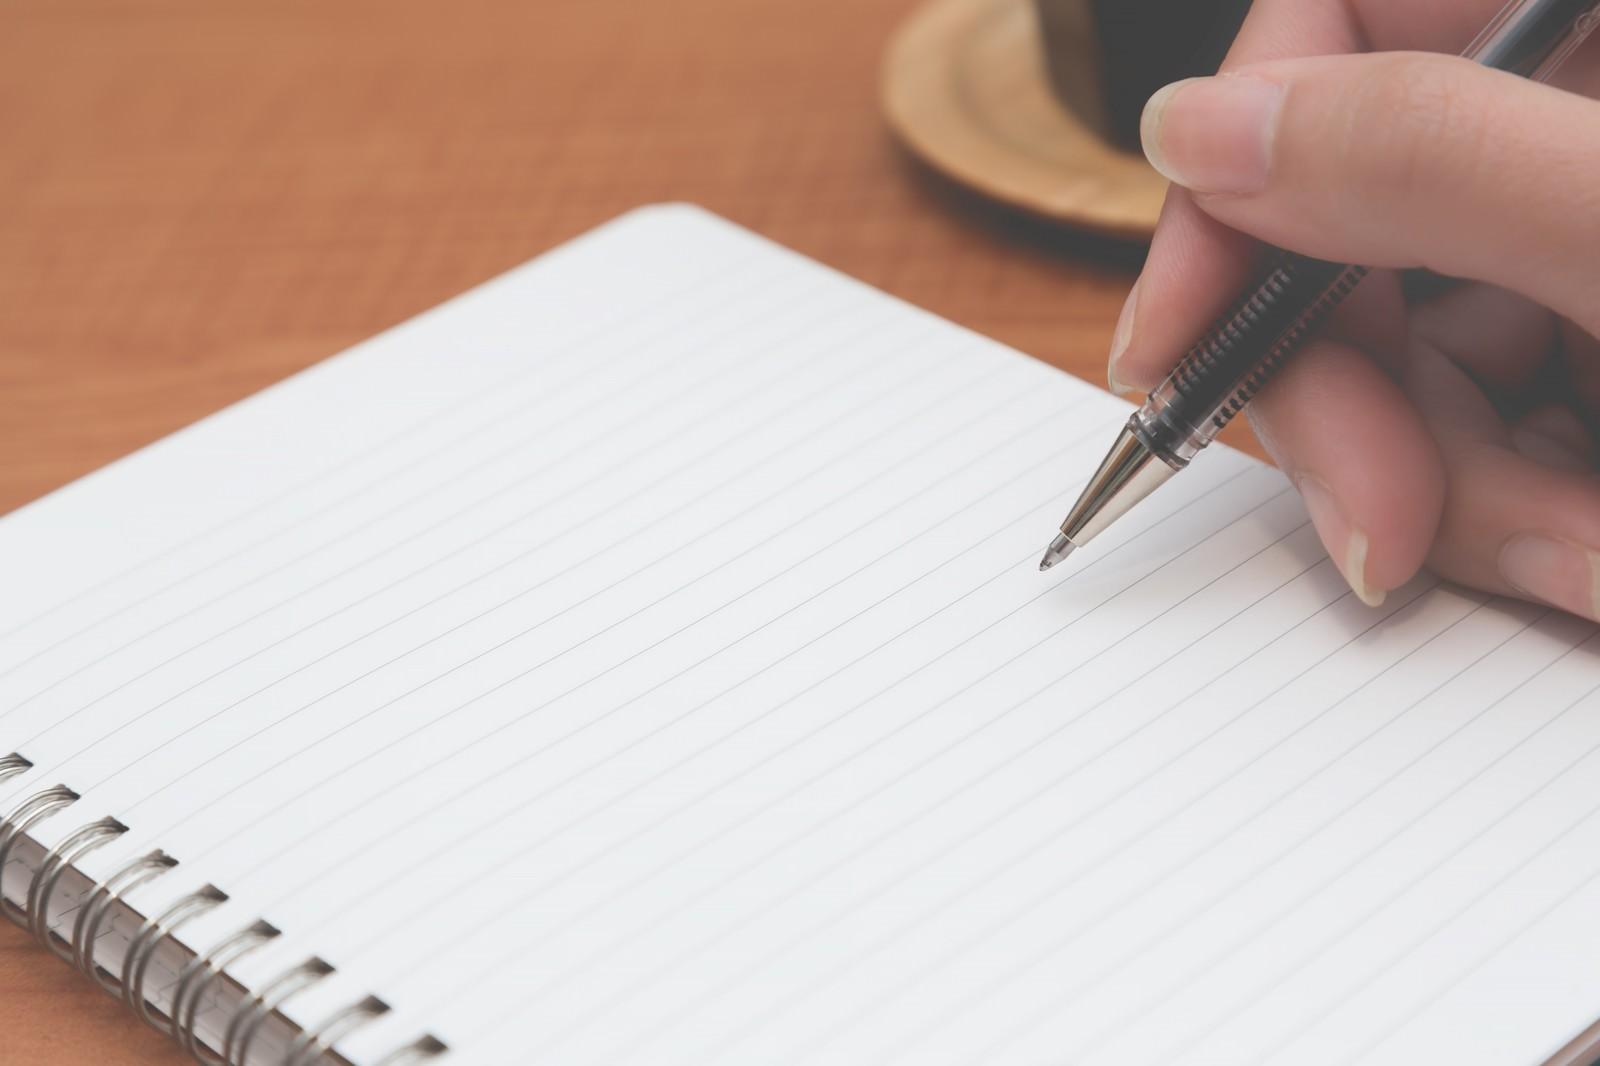 「フリー素材 ボールペンが出ない」の画像検索結果